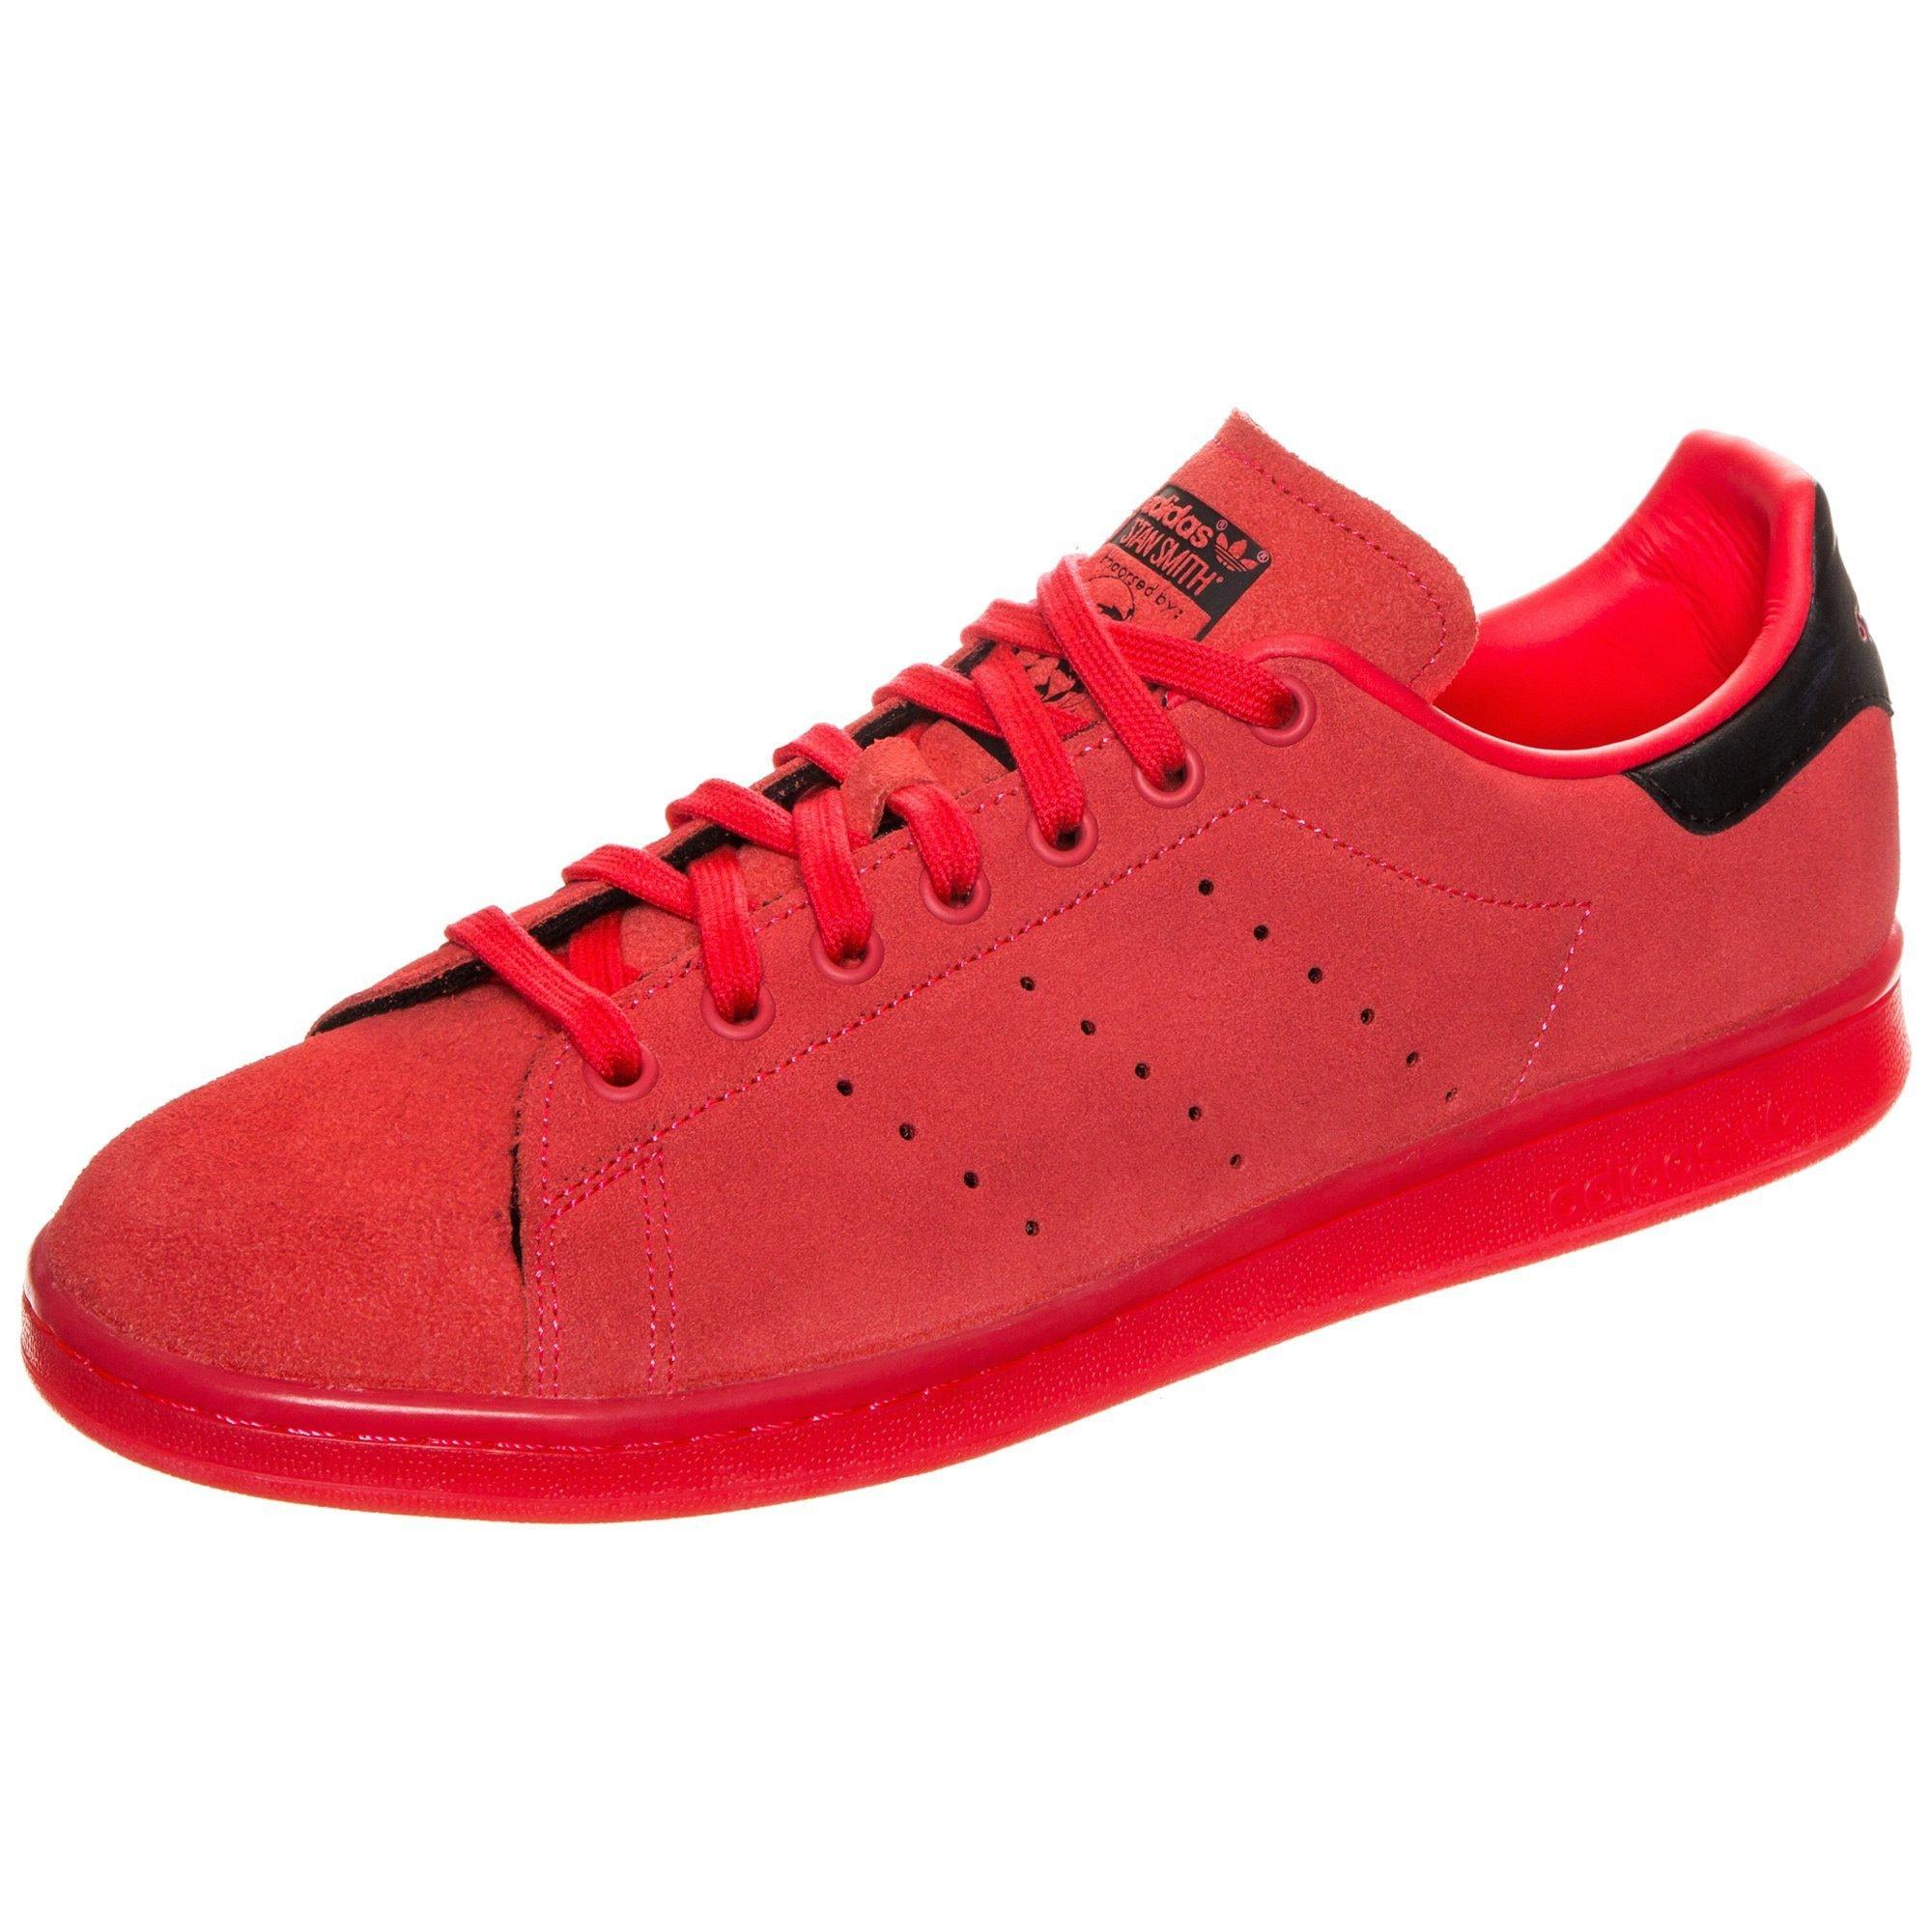 Adidas Originals Stan Smith Sneaker Sneaker Sneaker Herren gnstig kaufen | Gutes Preis-Leistungs-Verhältnis, es lohnt sich bc0866